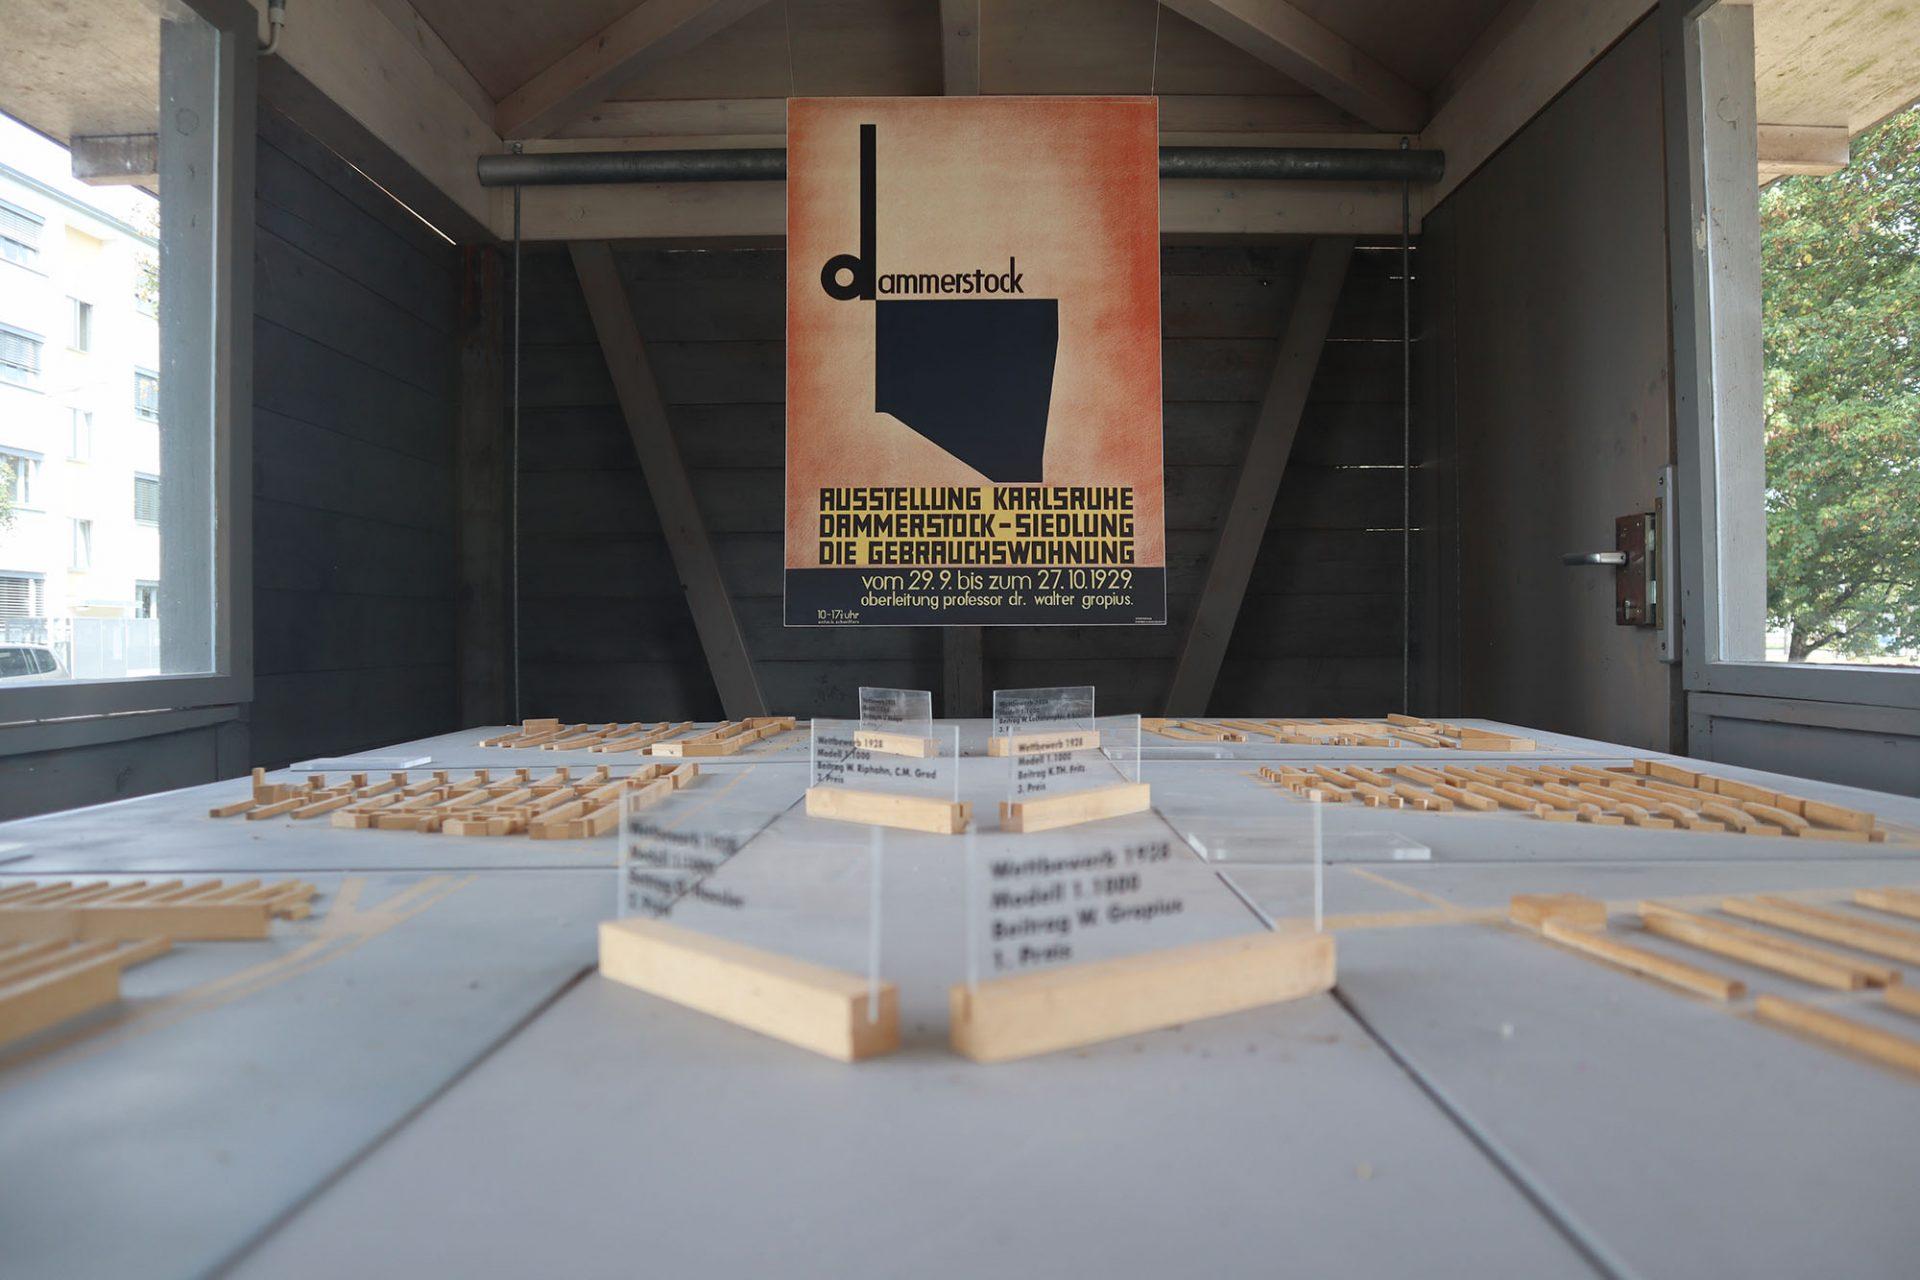 Dammerstock-Siedlung. Der Pavillonbau bildet wieder das Tor zur Anlage und informiert über die Siedlung. Das damalige Programm und die Poster gestaltete der Dadaist und Typograf Kurt Schwitters.